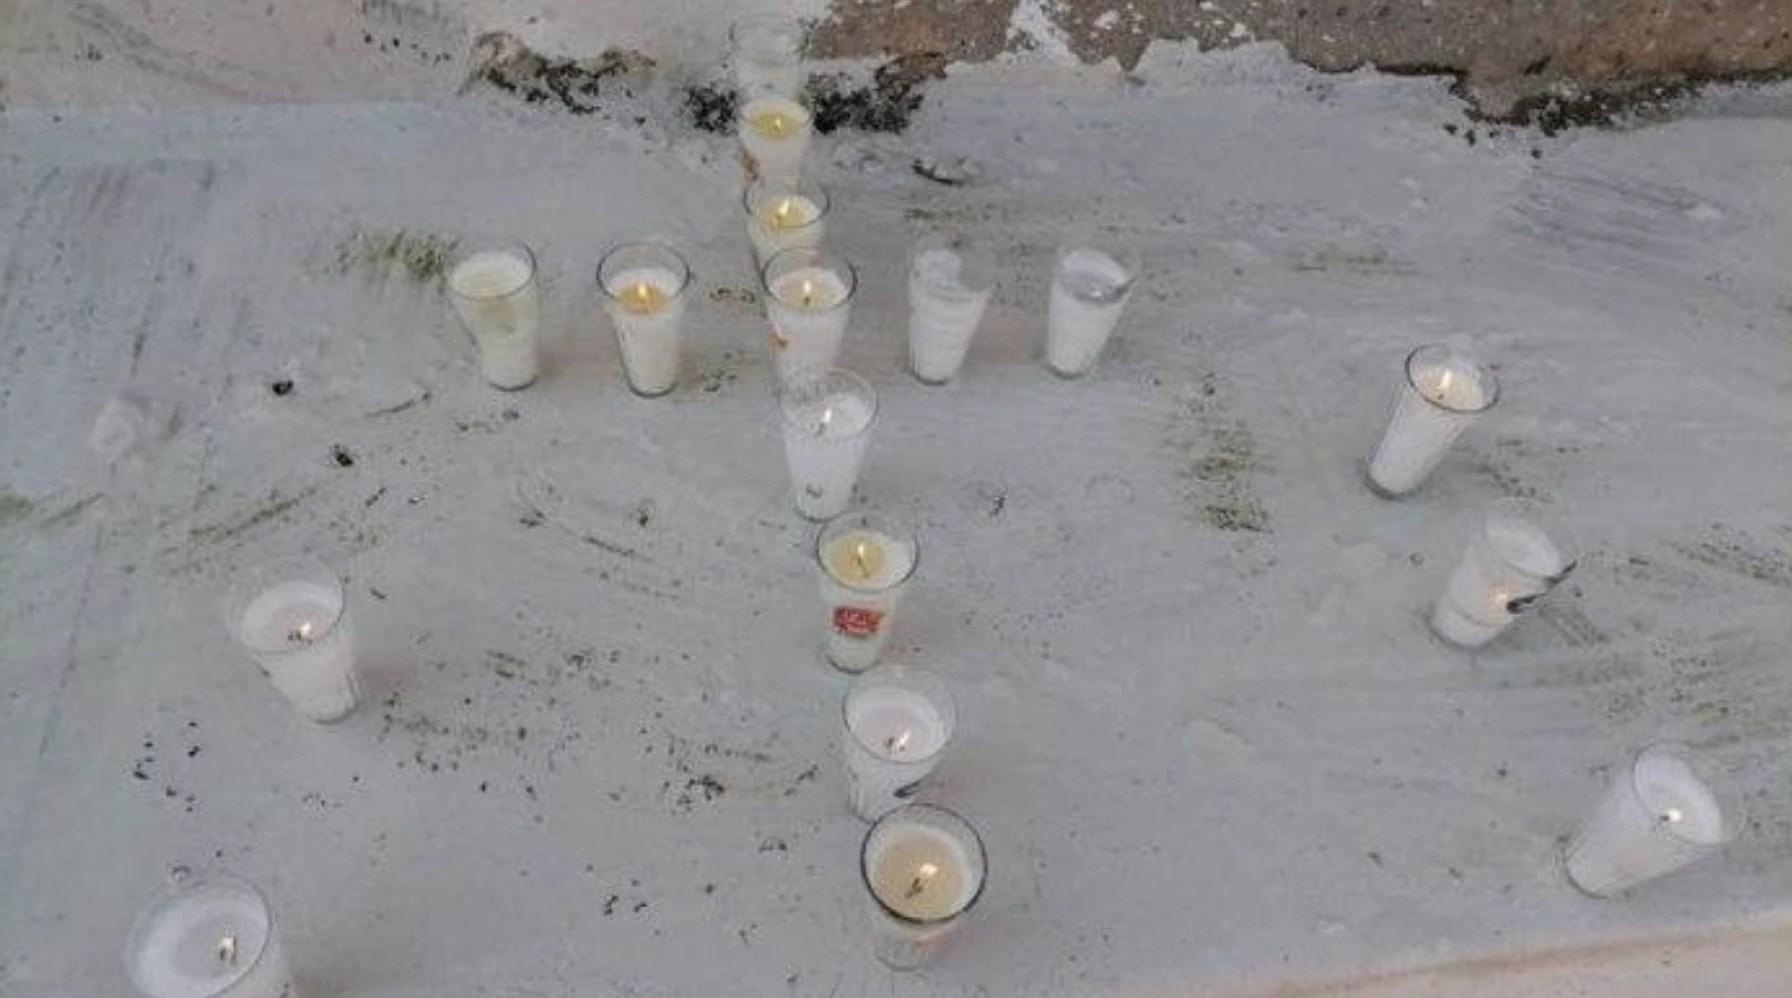 11 albañiles asesinados en Tonalá Jalisco